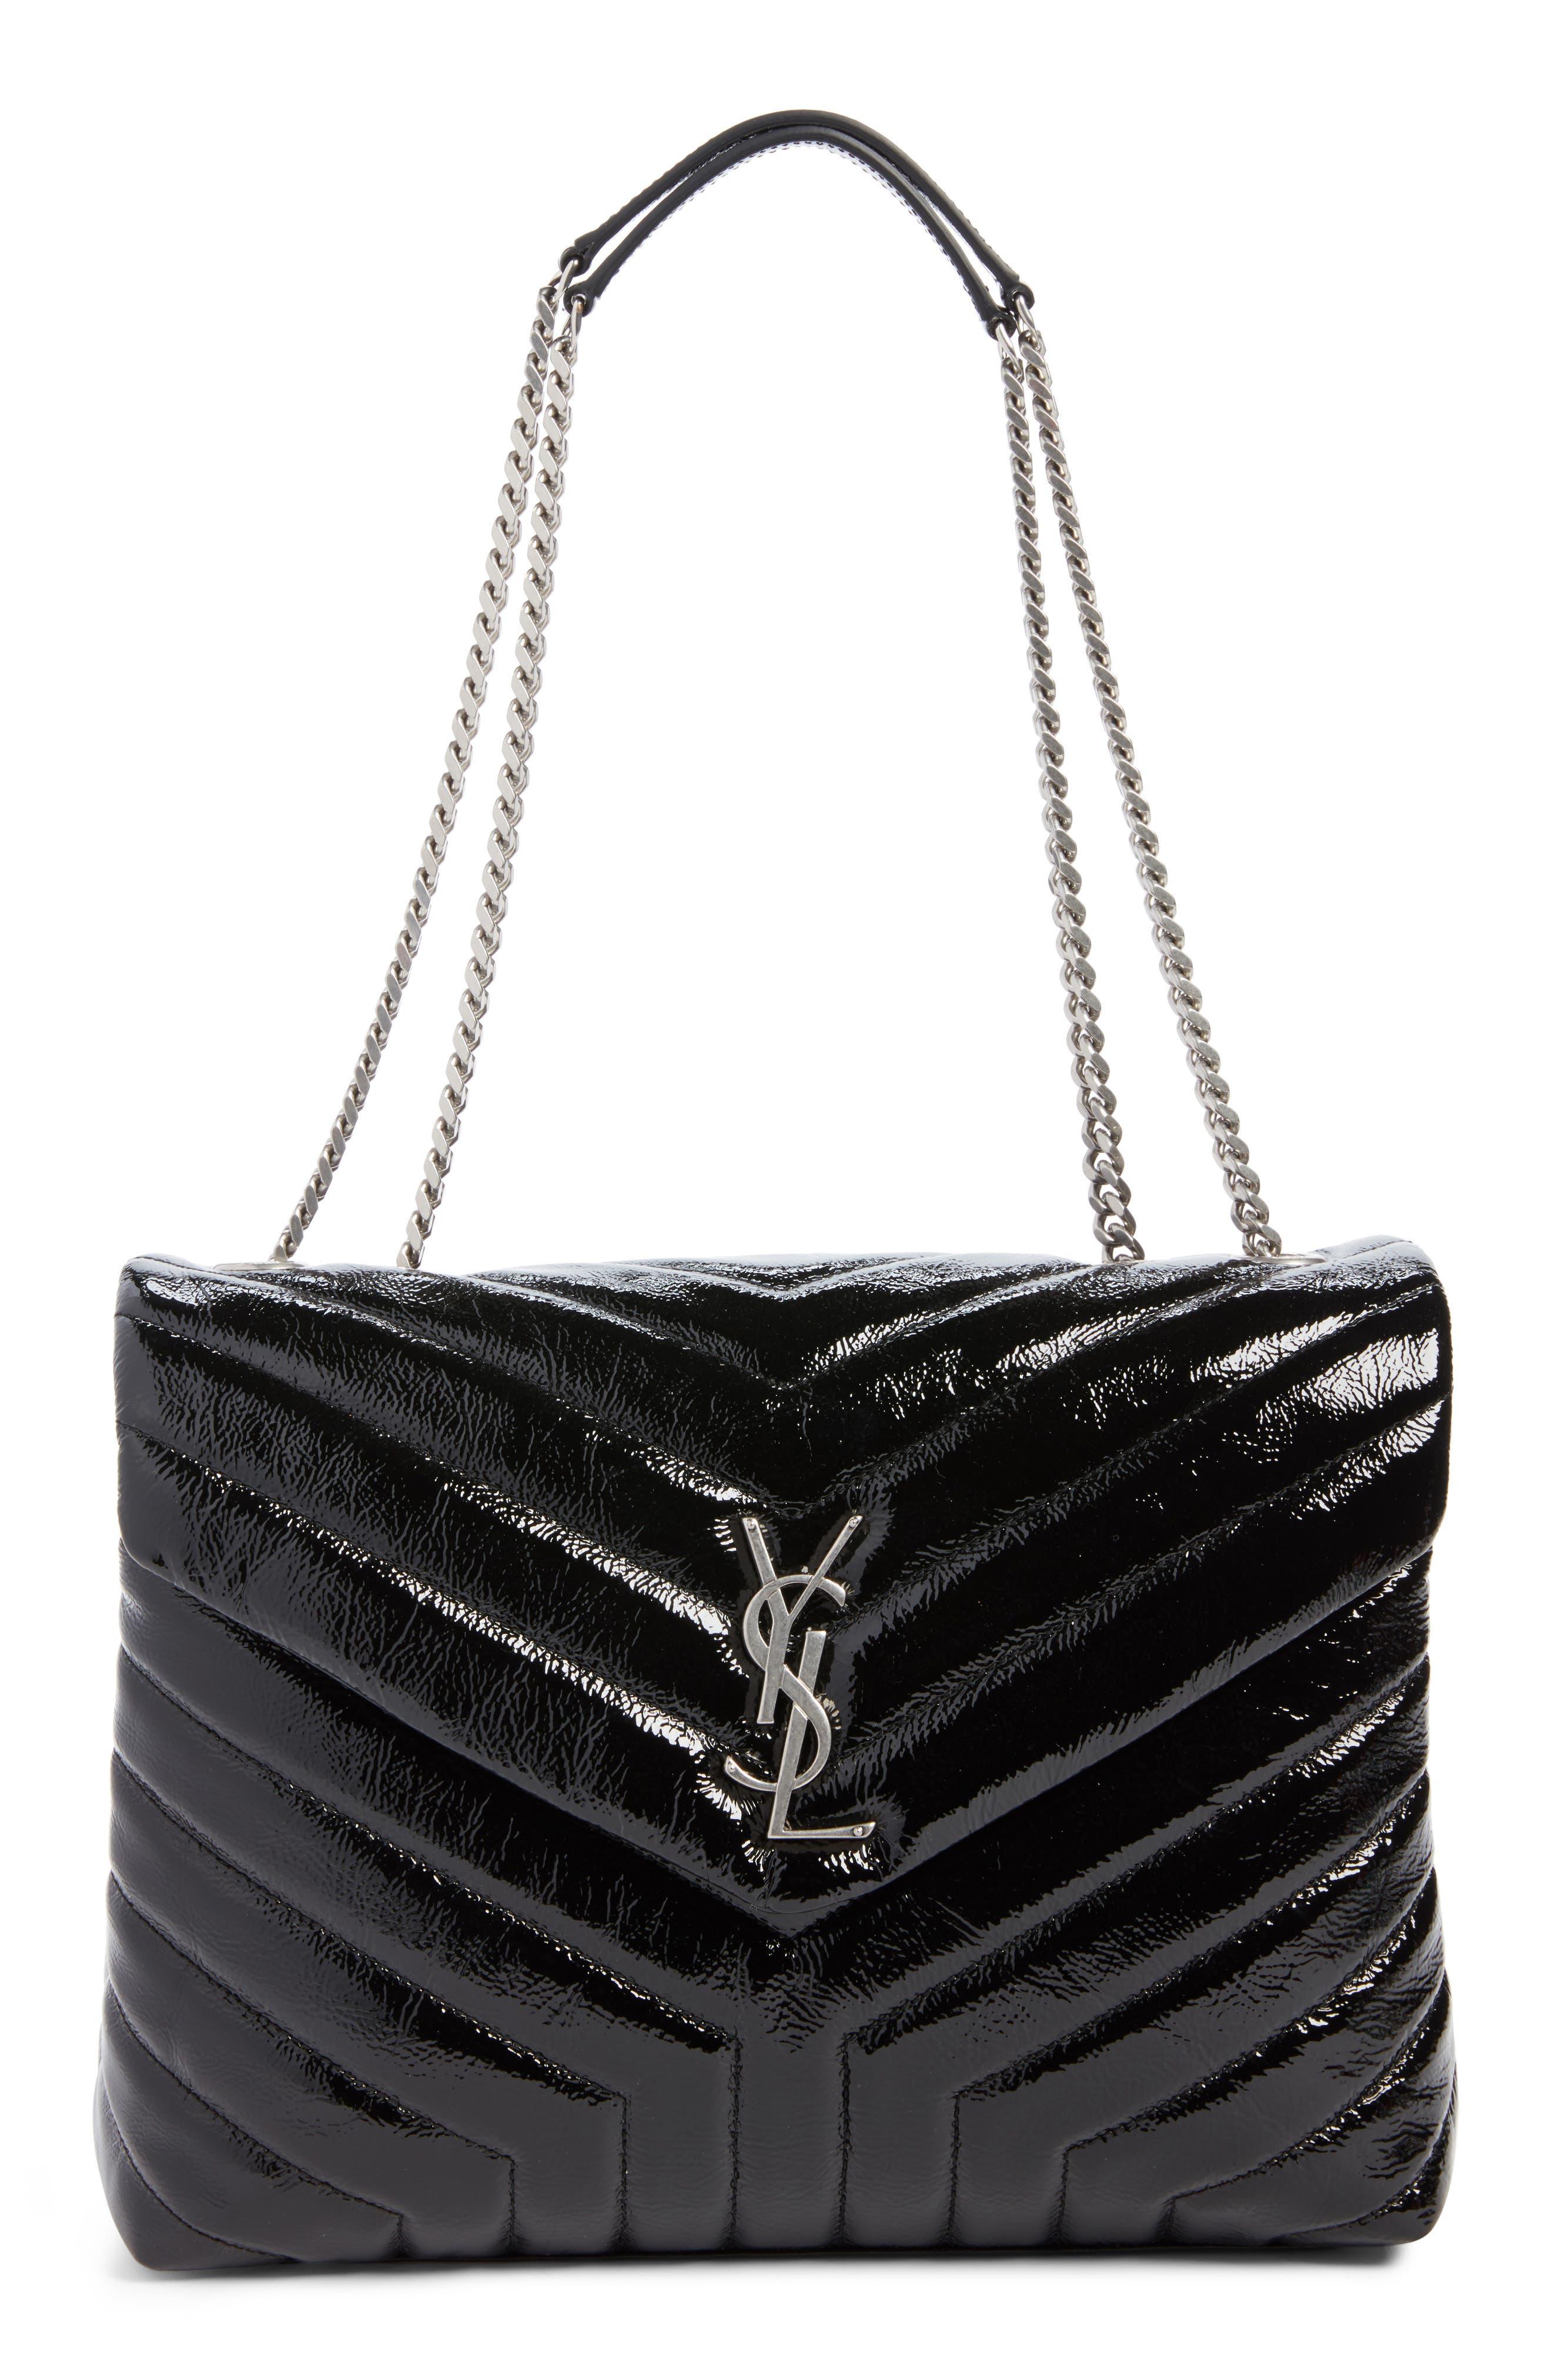 Saint Laurent Medium LouLou Patent Leather Shoulder Bag